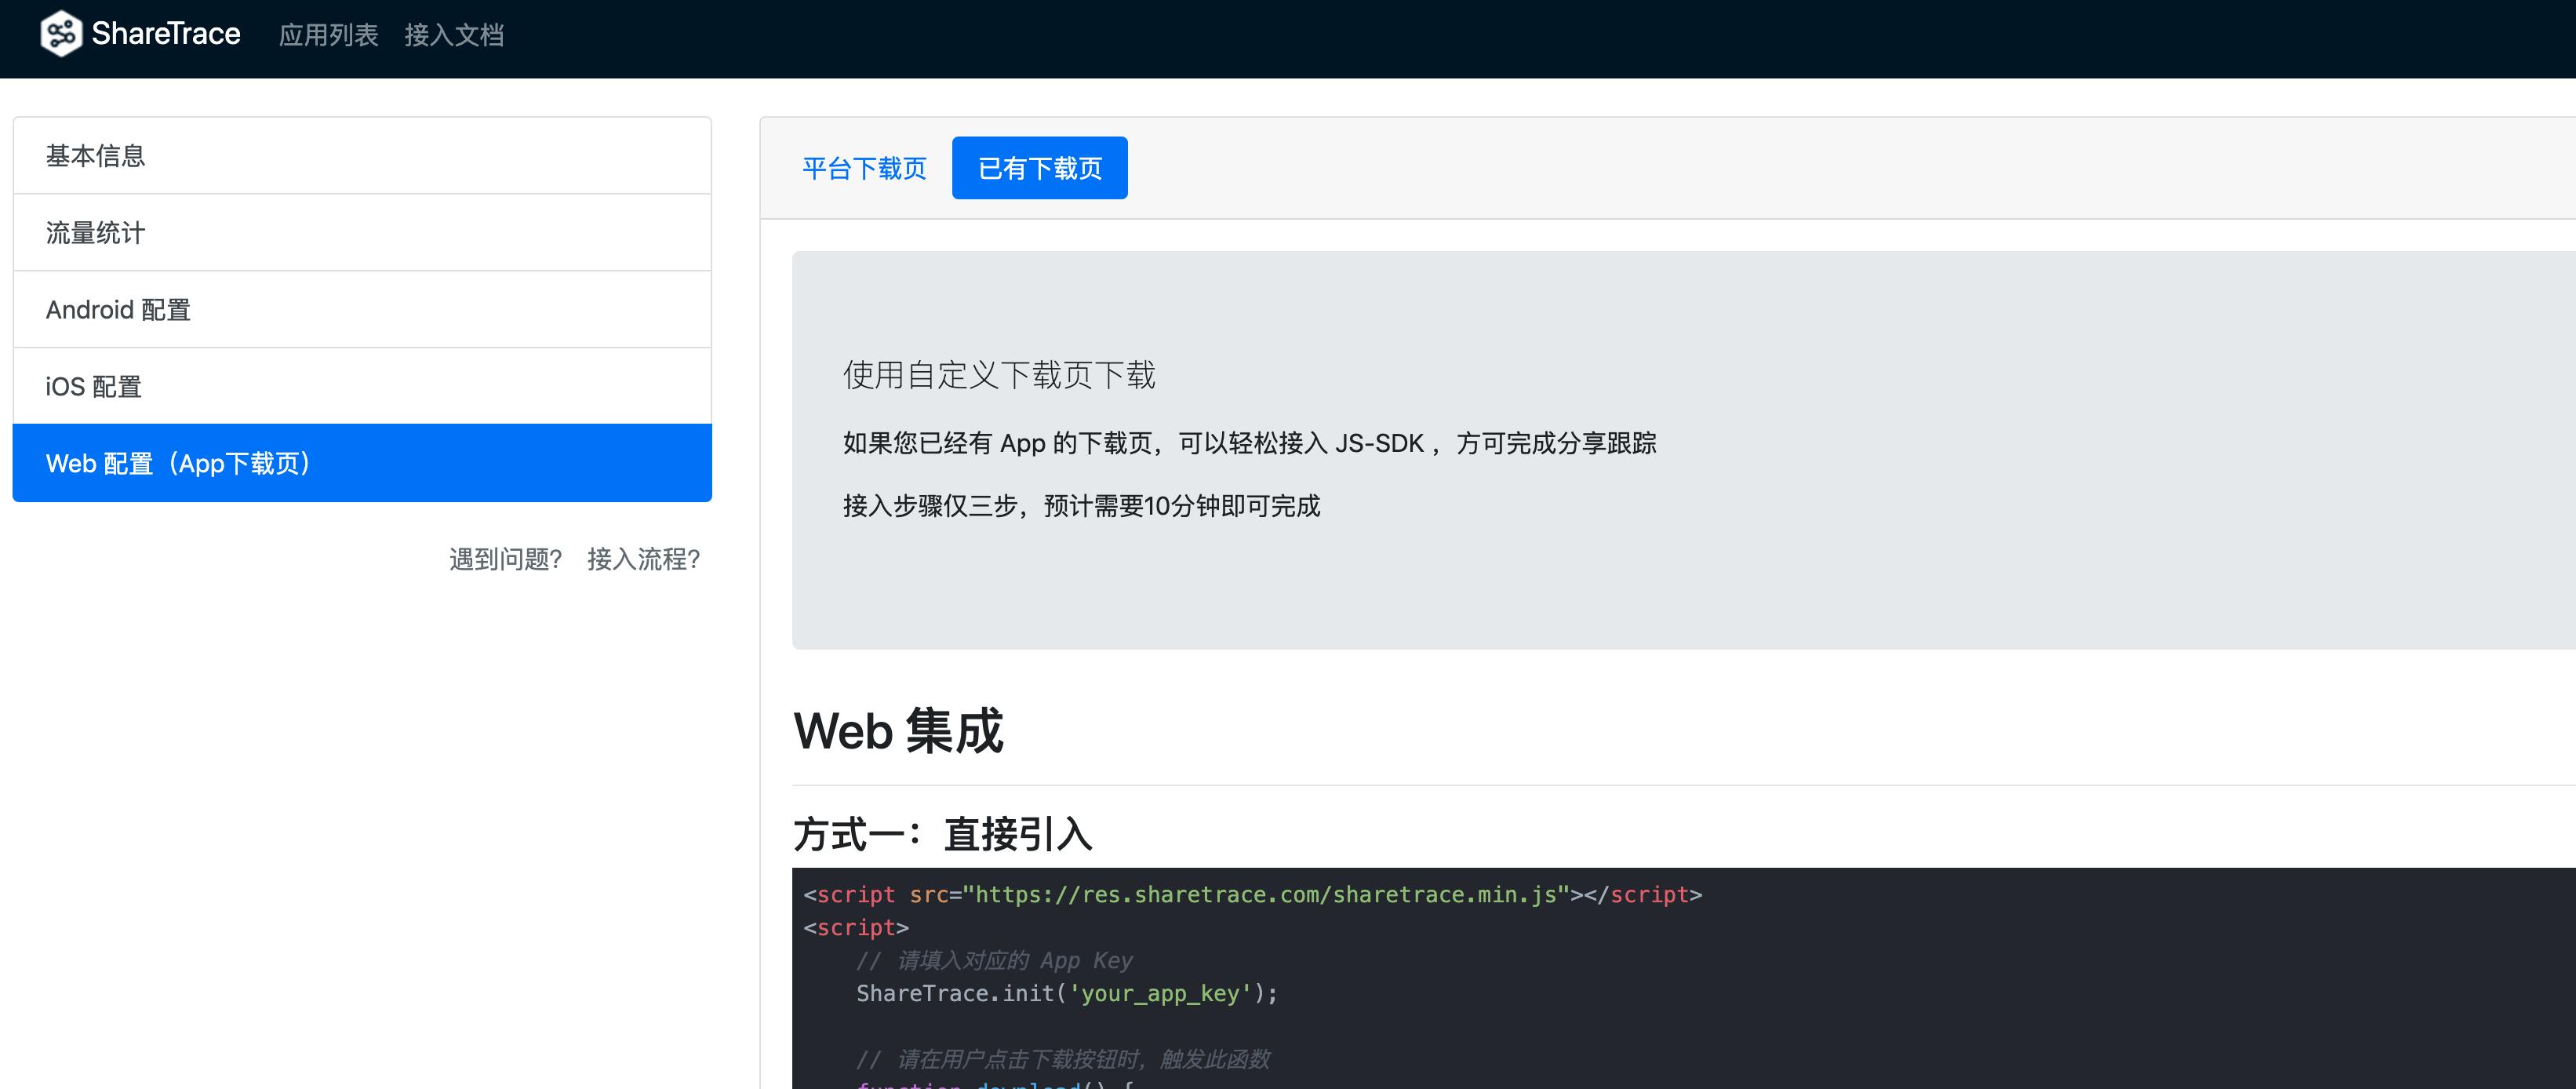 Web集成